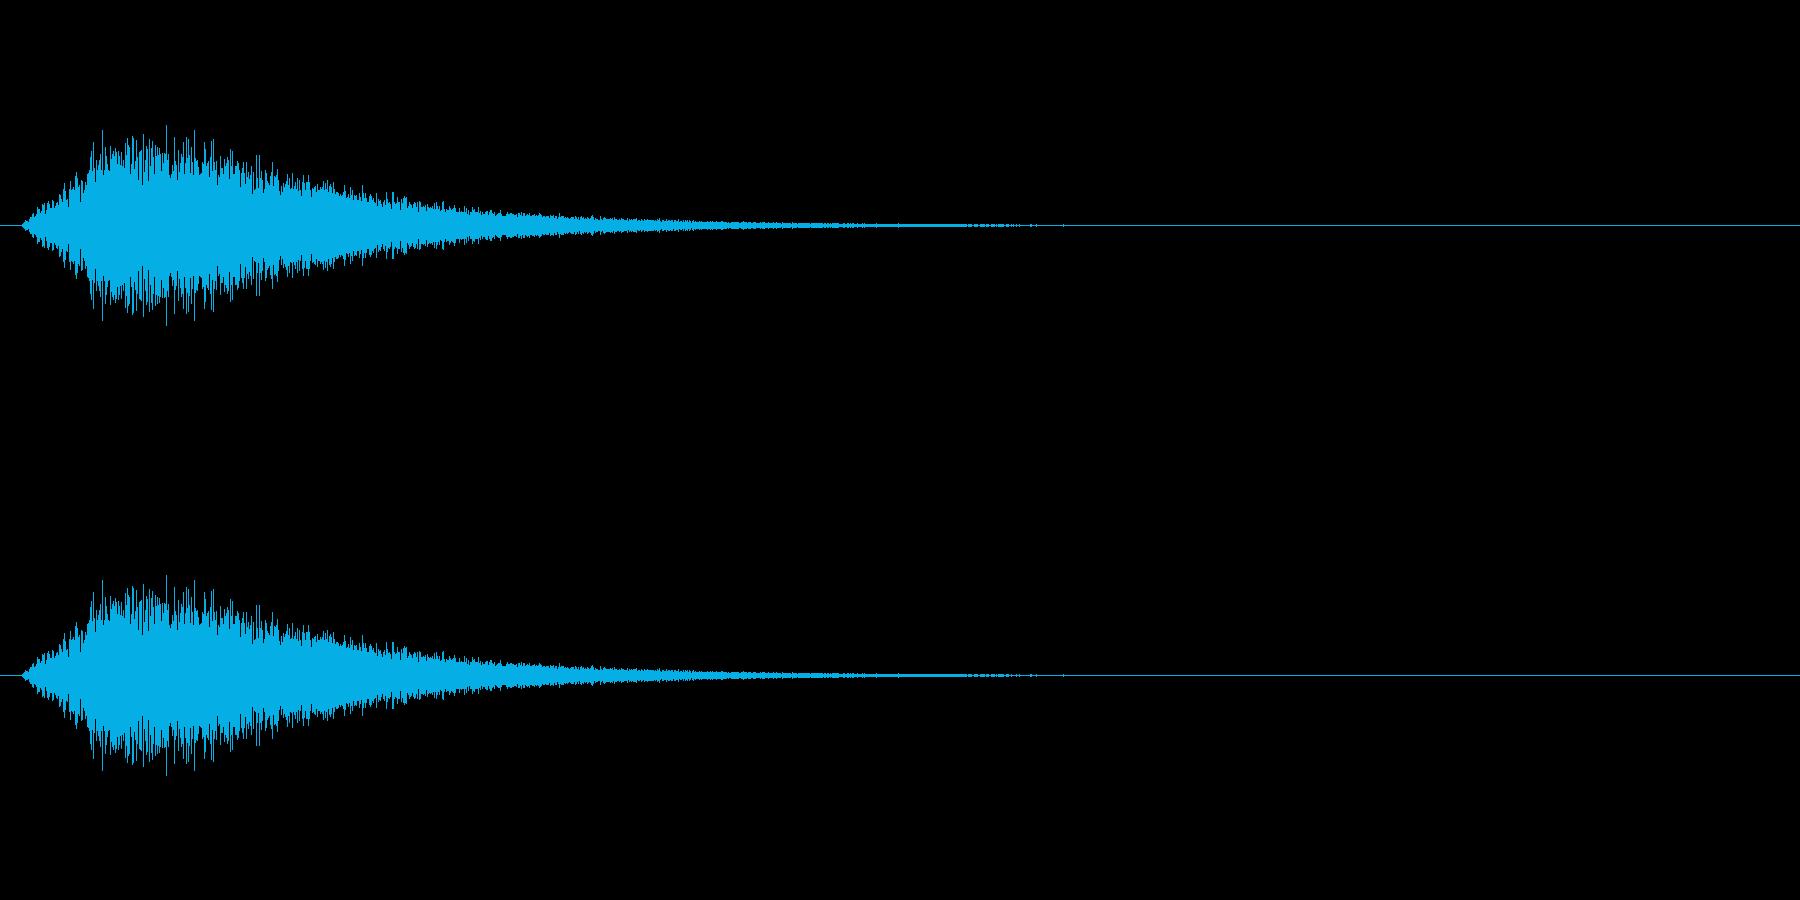 コミカルな武器の音。シャキーン。の再生済みの波形